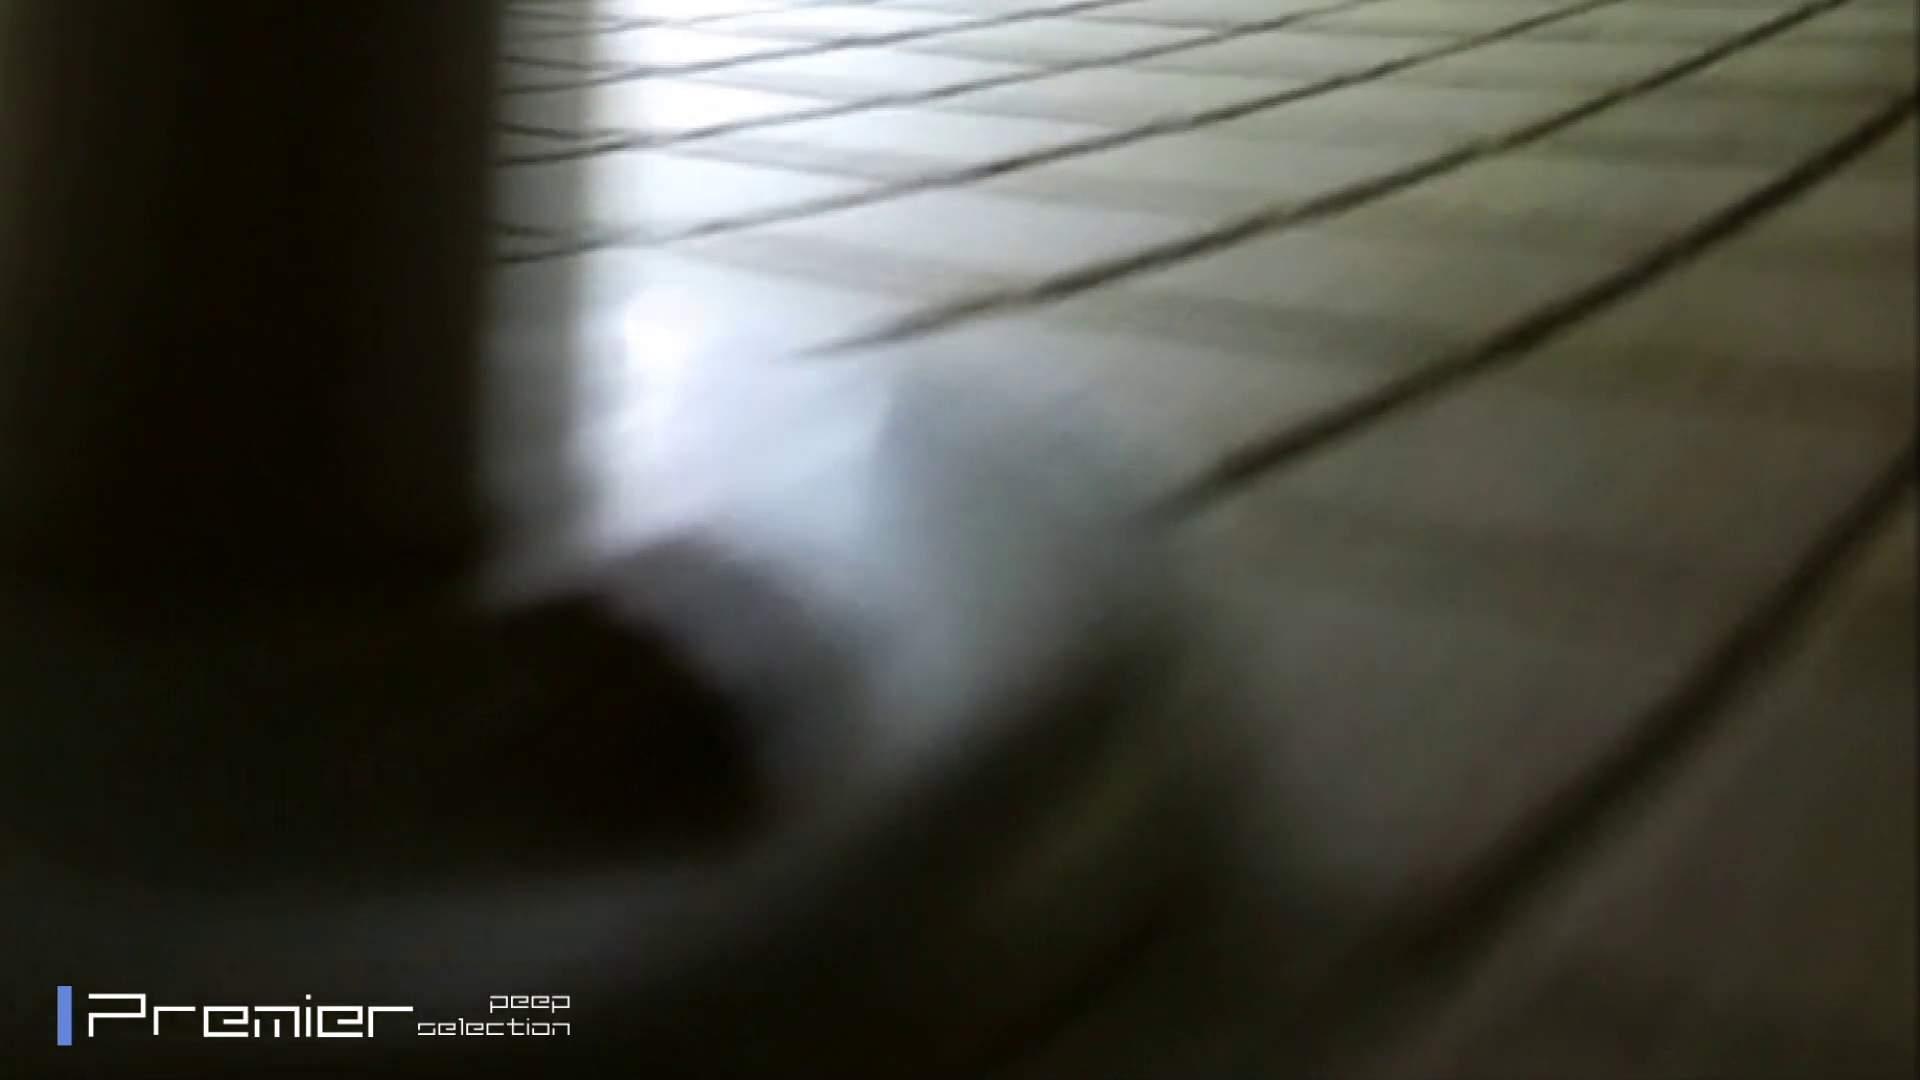 FHD激カワ!激やば! 復讐のトイレ盗撮 Vol.03 トイレ中 | 盗撮エロすぎ  78連発 15